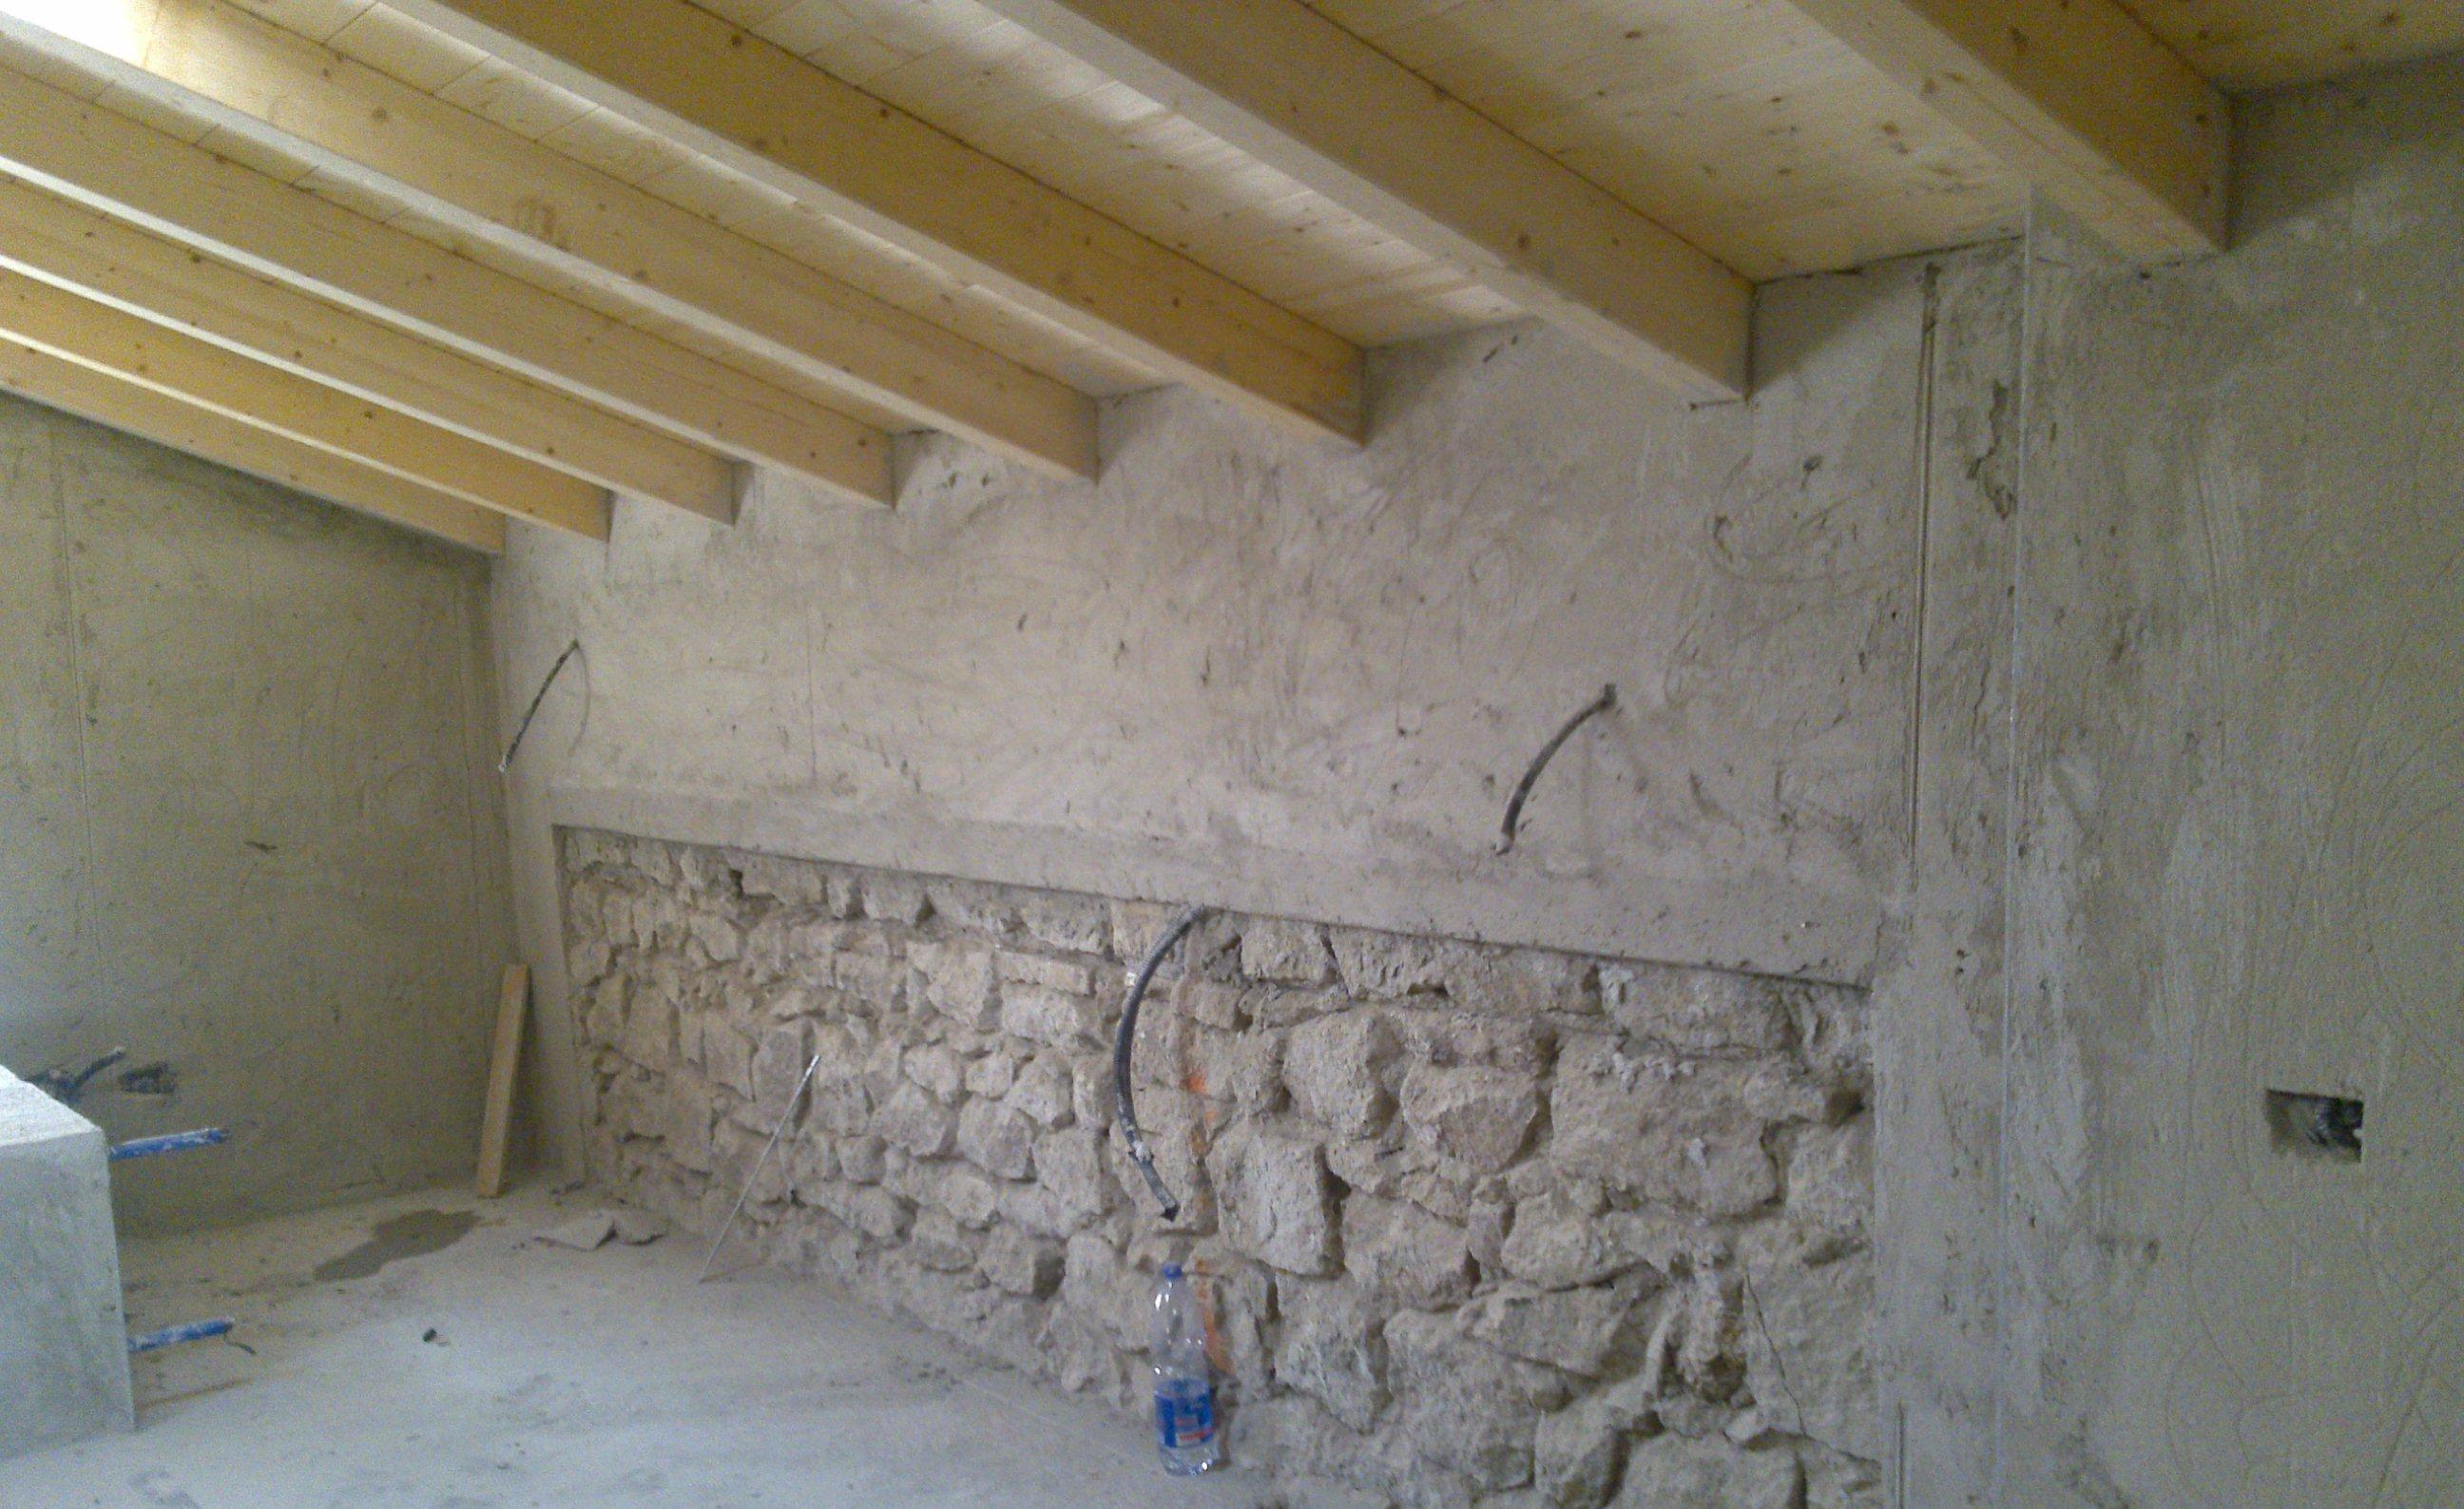 Soffitti In Legno Lamellare : Cantina ristrutturata tetto a due falde in legno lamellare